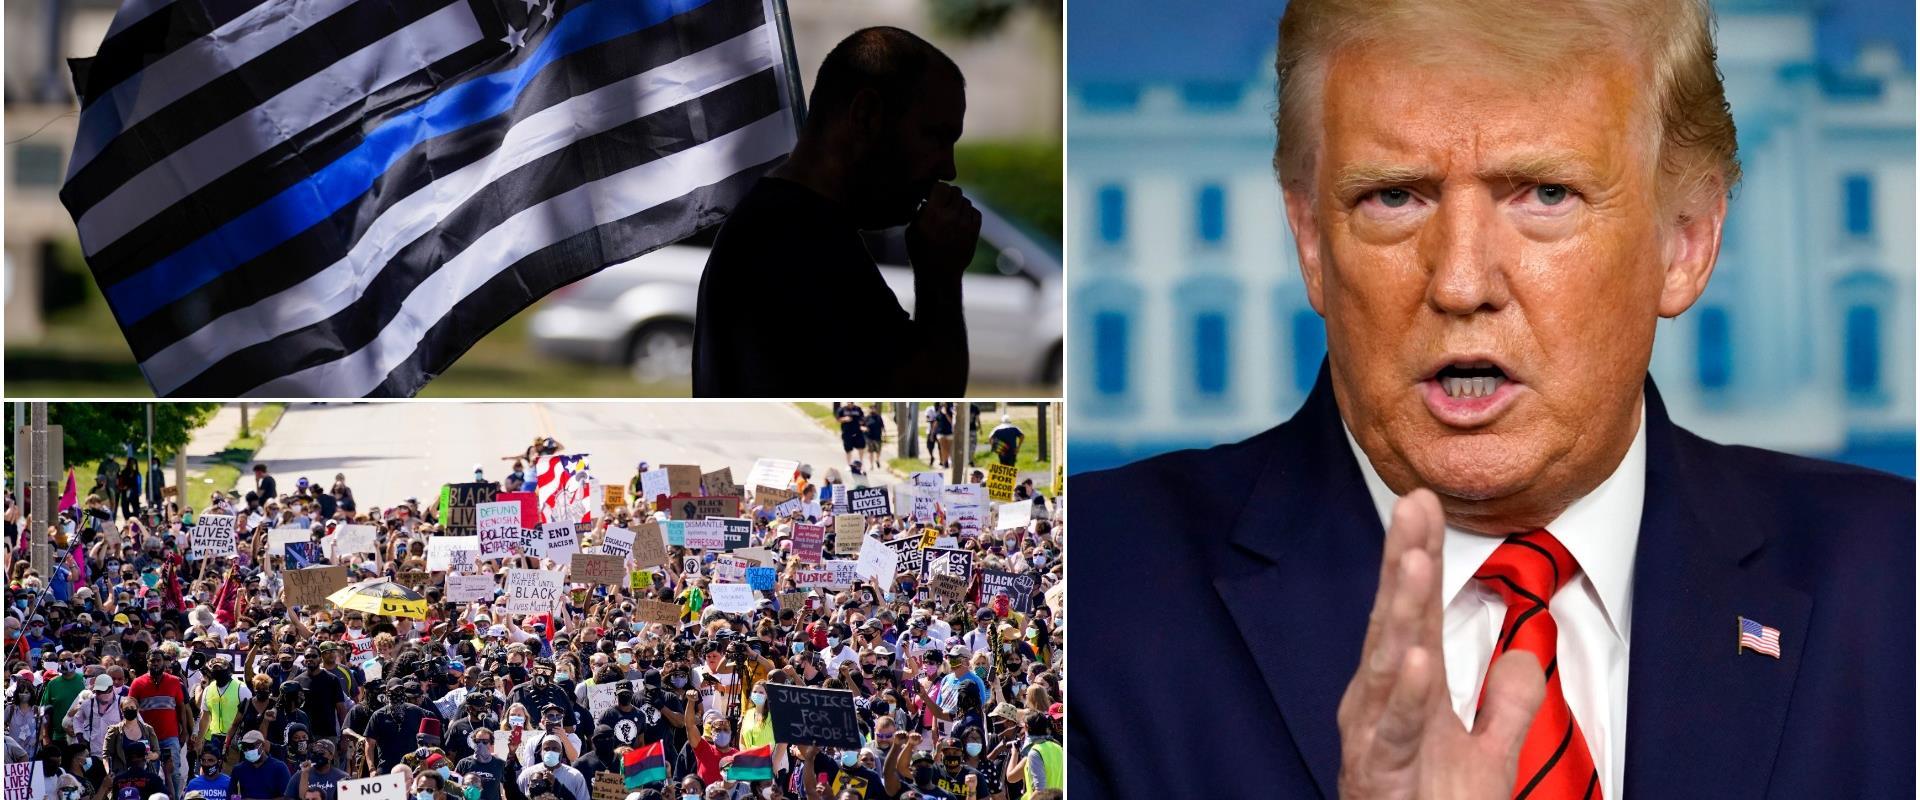 טראמפ והמחאה בקנושה